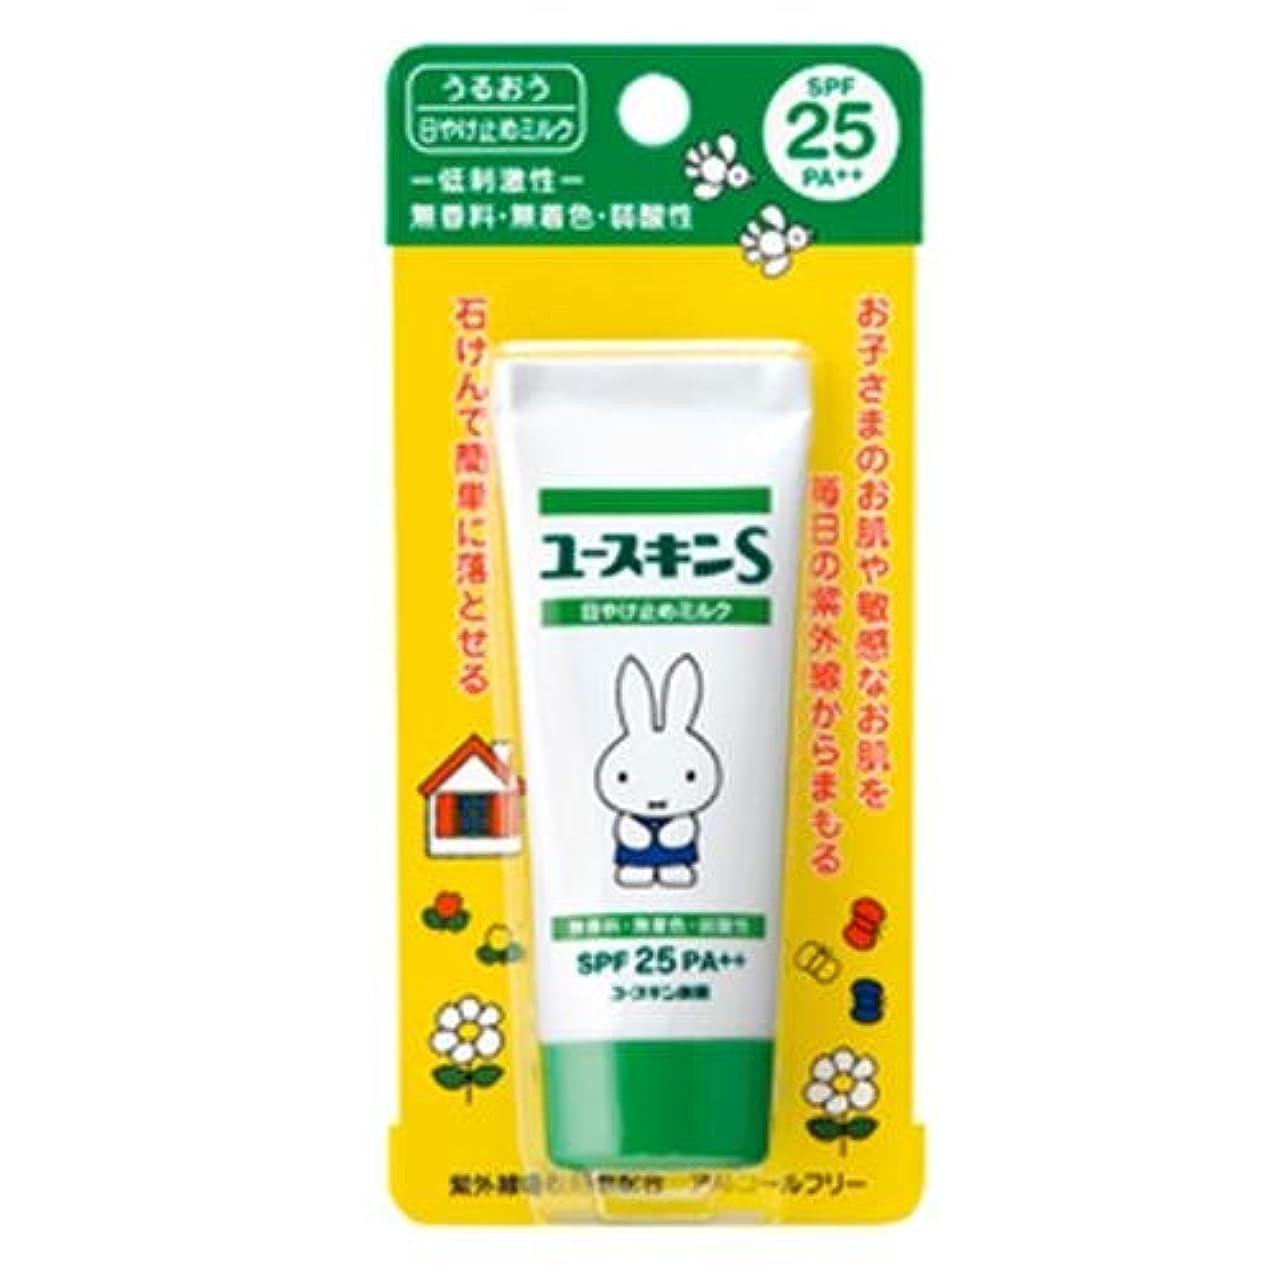 選択する雷雨毎月ユースキンS UVミルク SPF25 PA++ 40g (敏感肌用 日焼け止め)